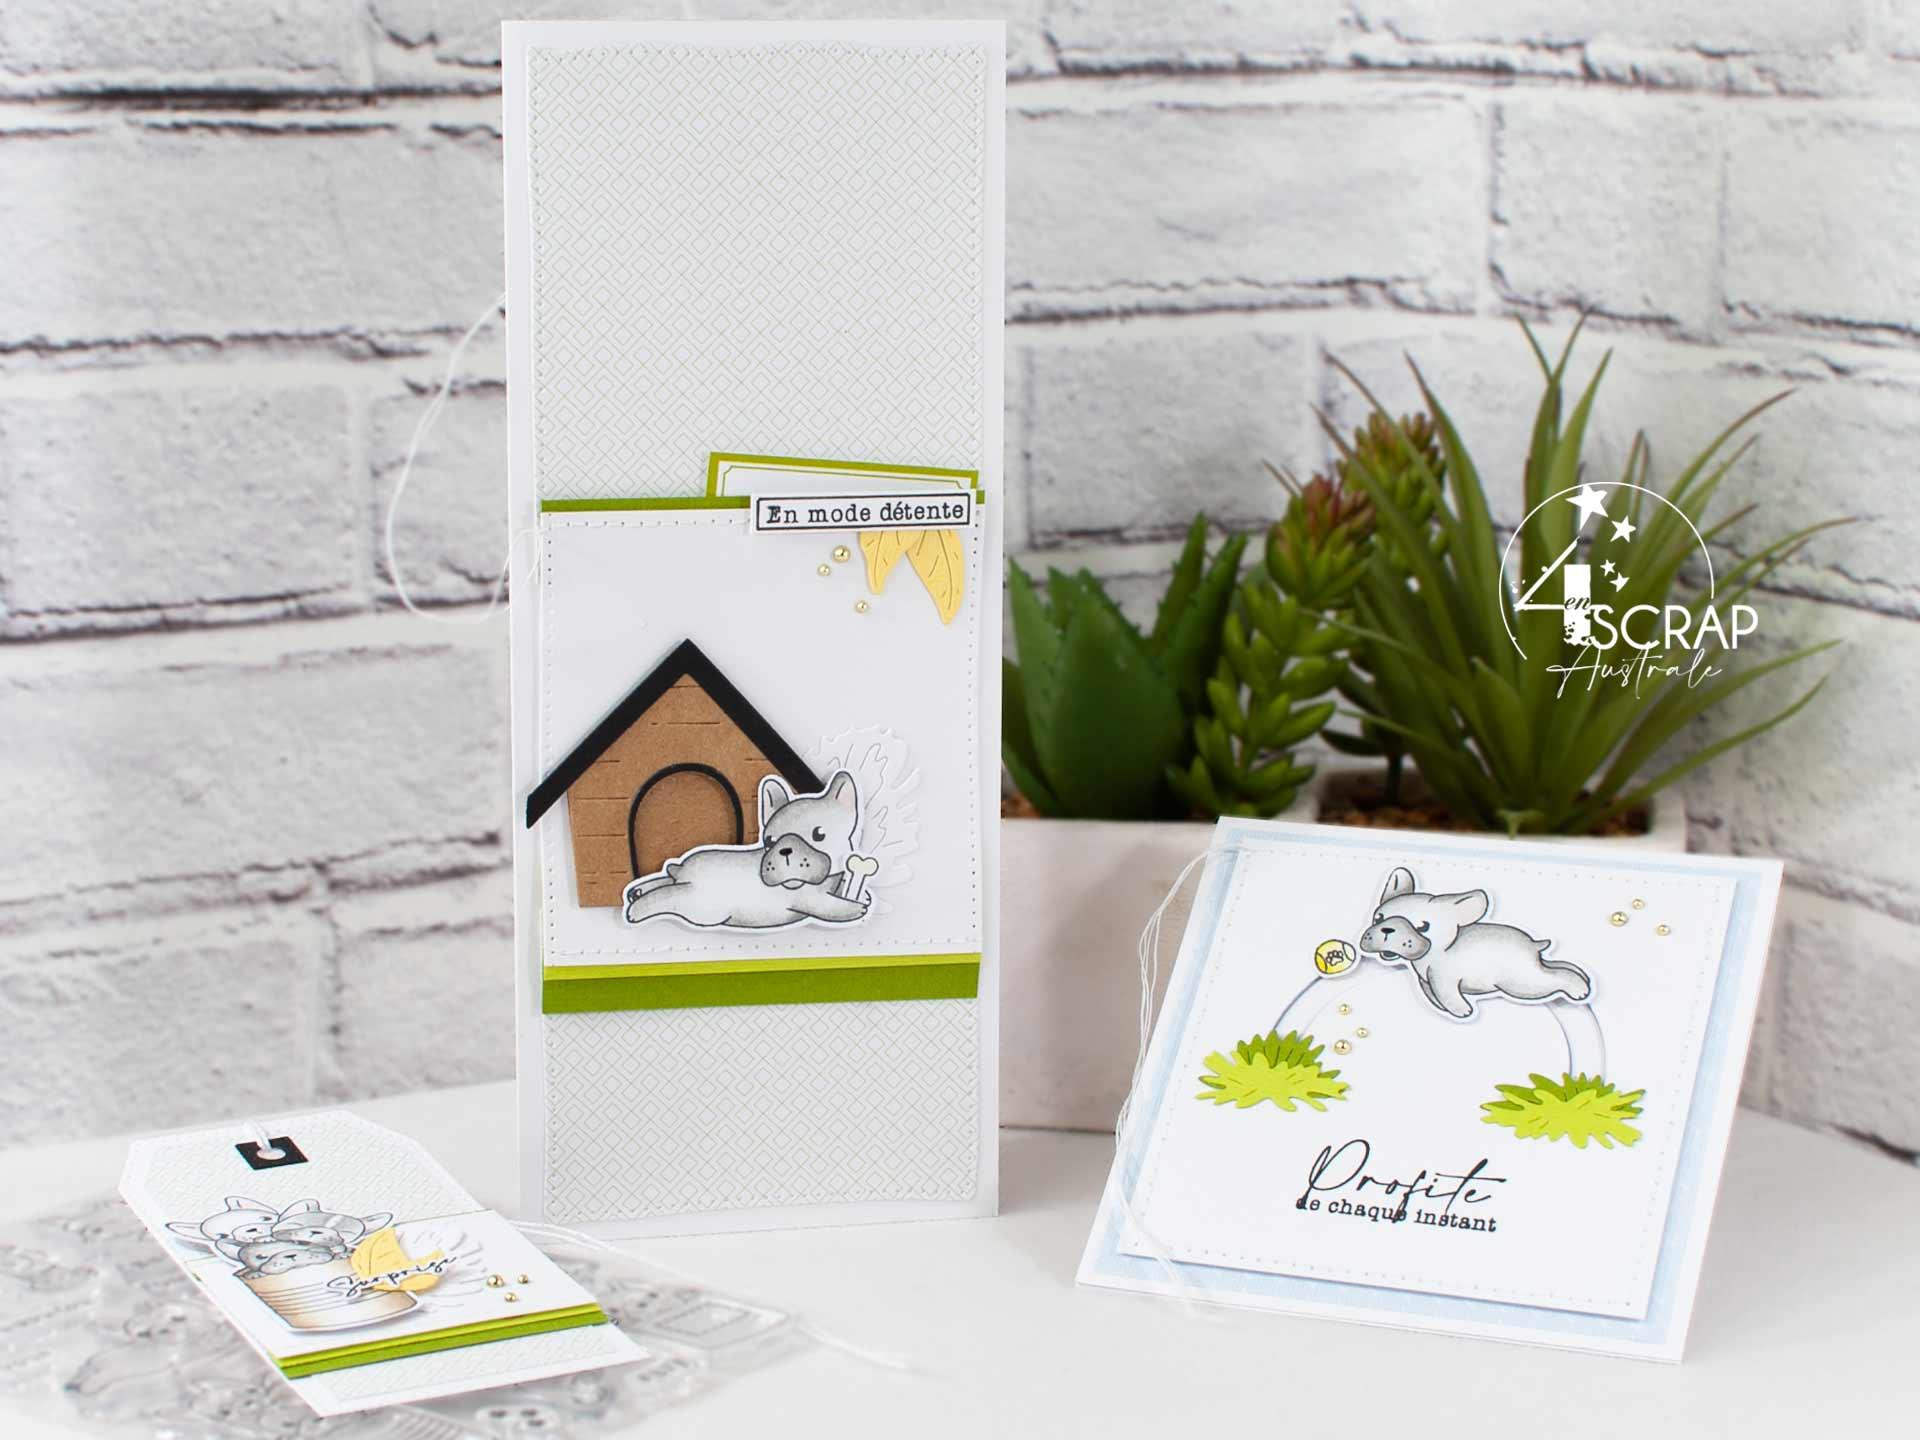 Trio de créations sur le thème des chiens pour la nouvelle collection été 2021 de 4enscrap.